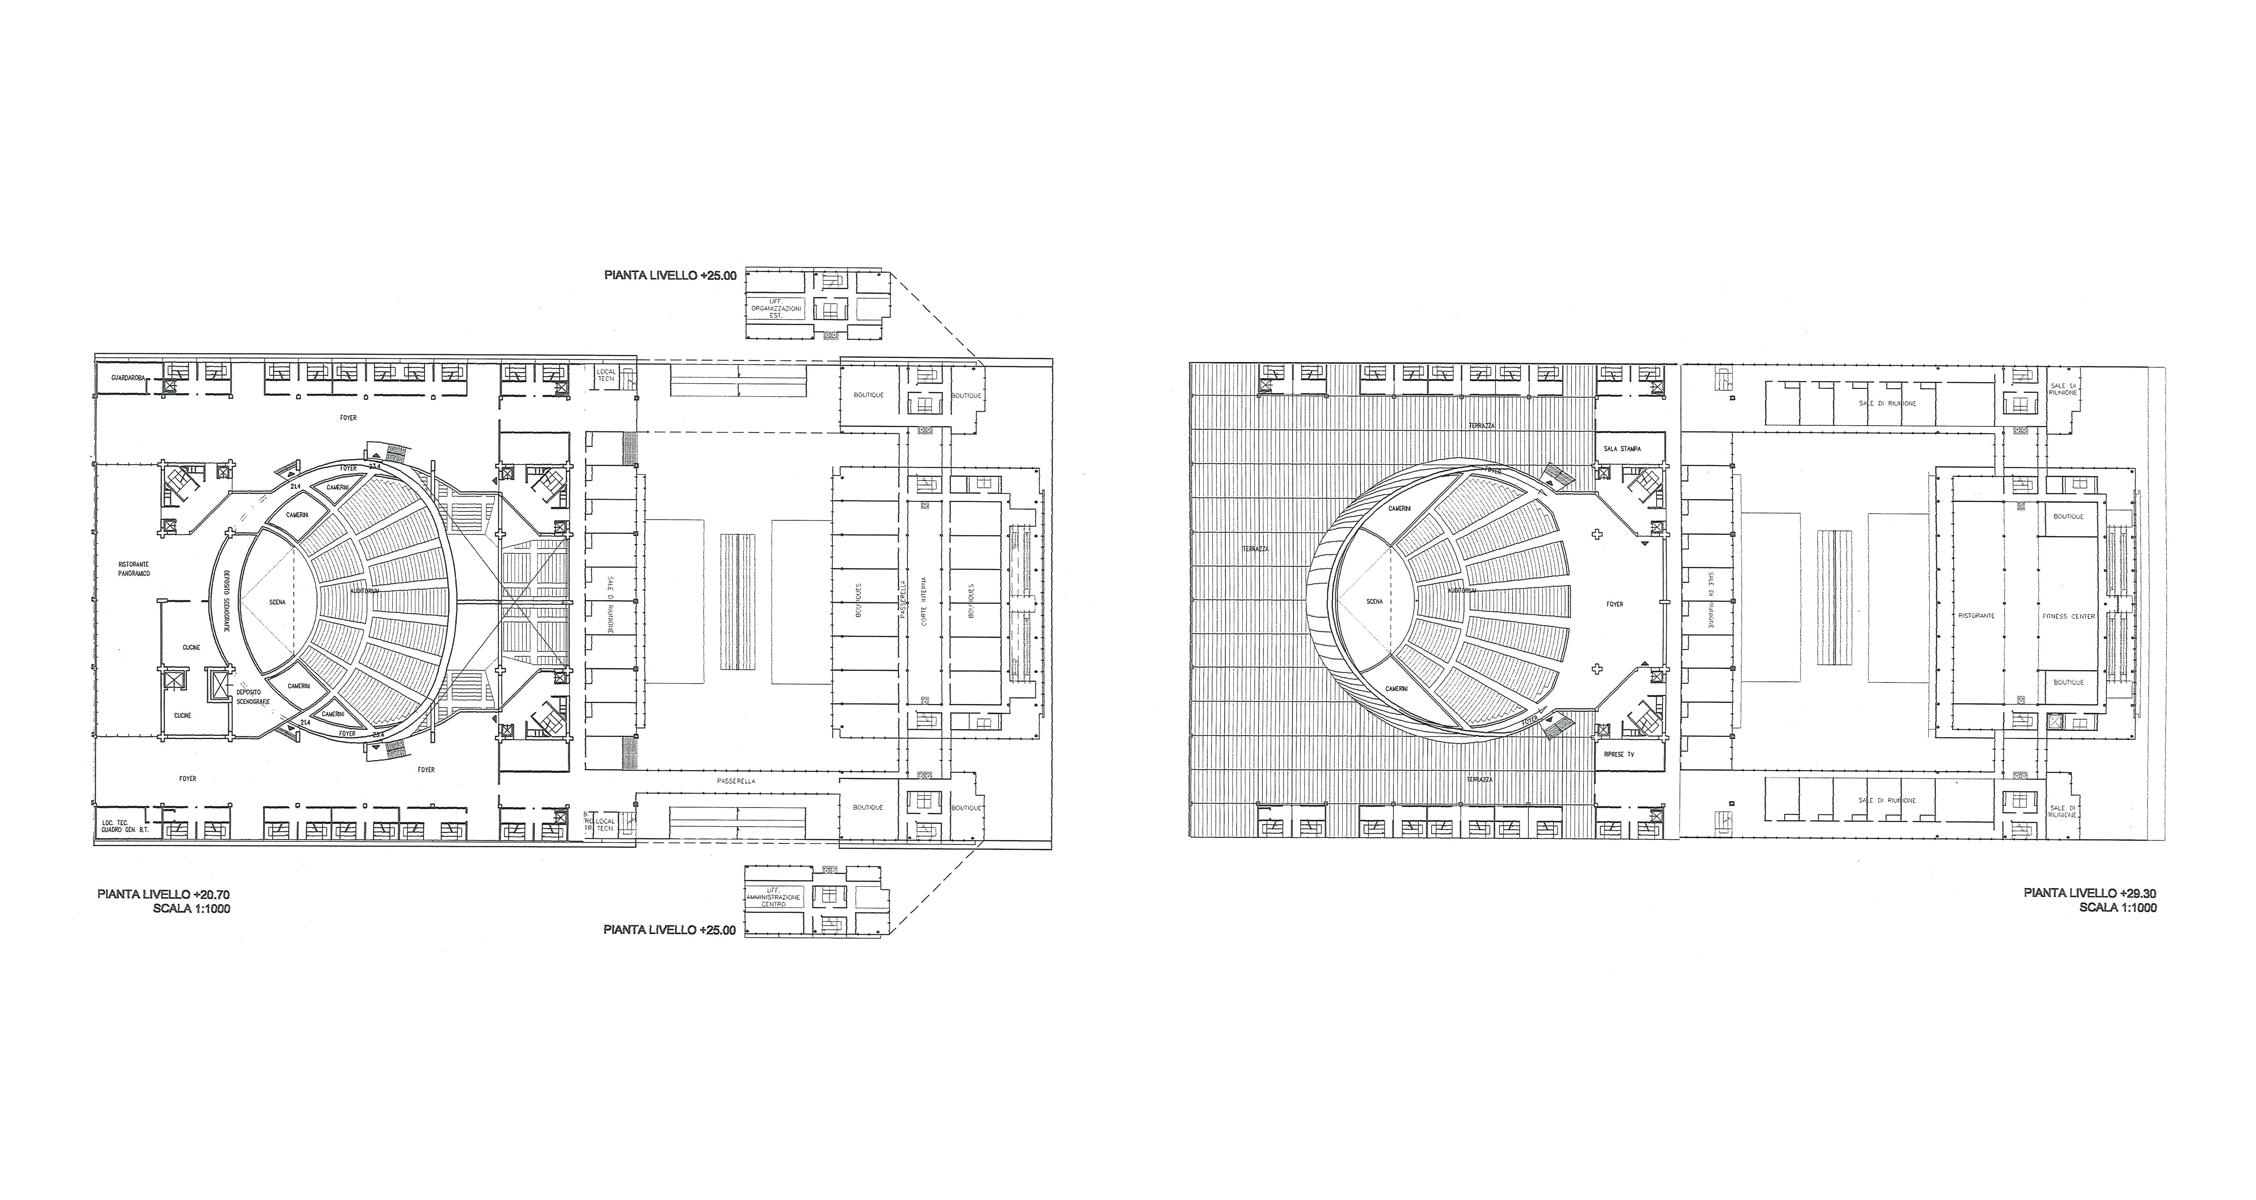 plans-sur-la-salle-de-5000places_slider